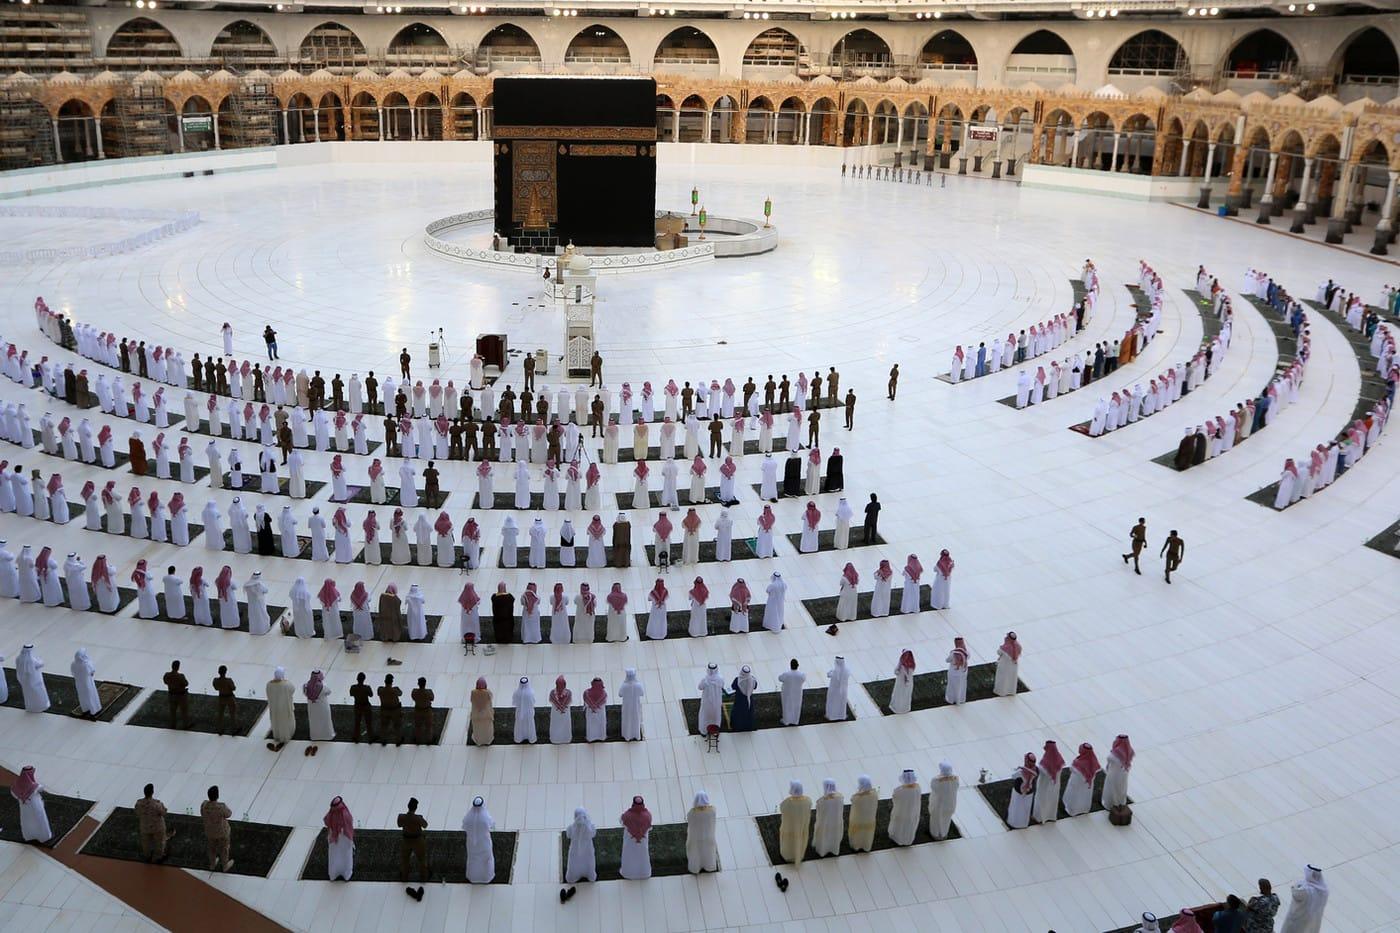 Le pèlerinage réduit du Hadj débutera le 29 juillet dans un contexte de pandémie